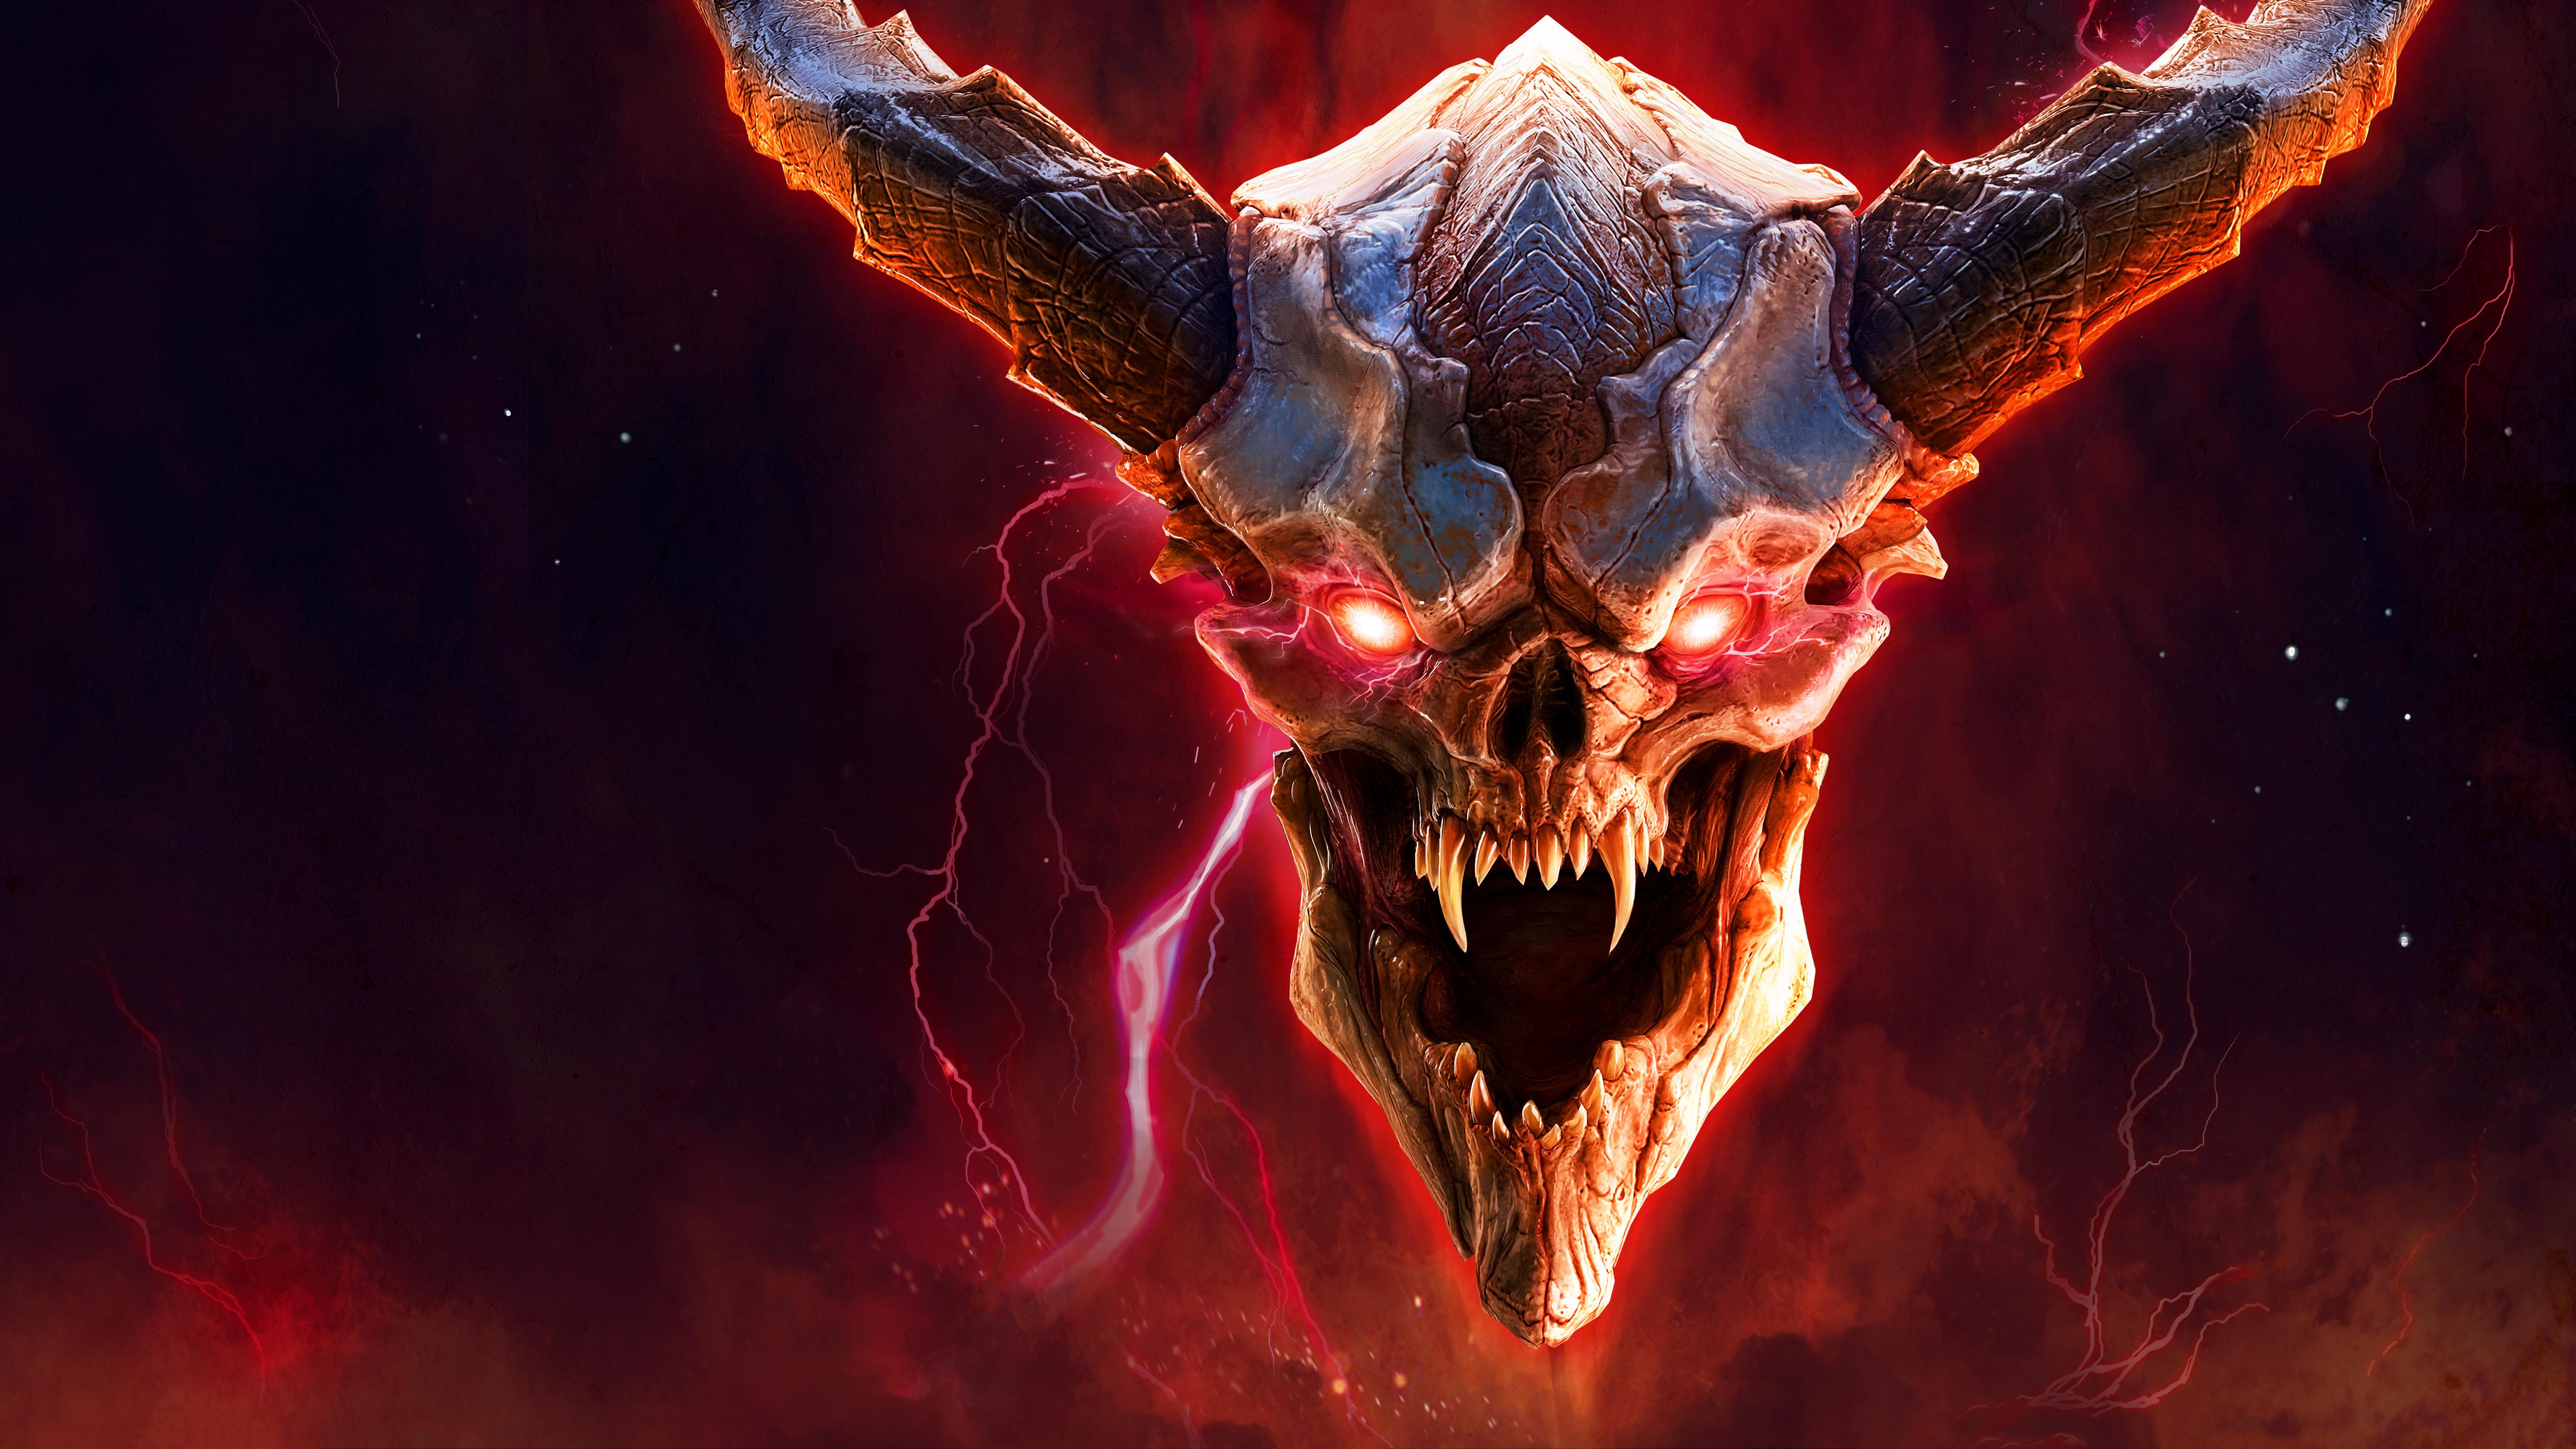 Doom Game Wallpaper 70 Images: Doom Vfr 5k, HD Games, 4k Wallpapers, Images, Backgrounds